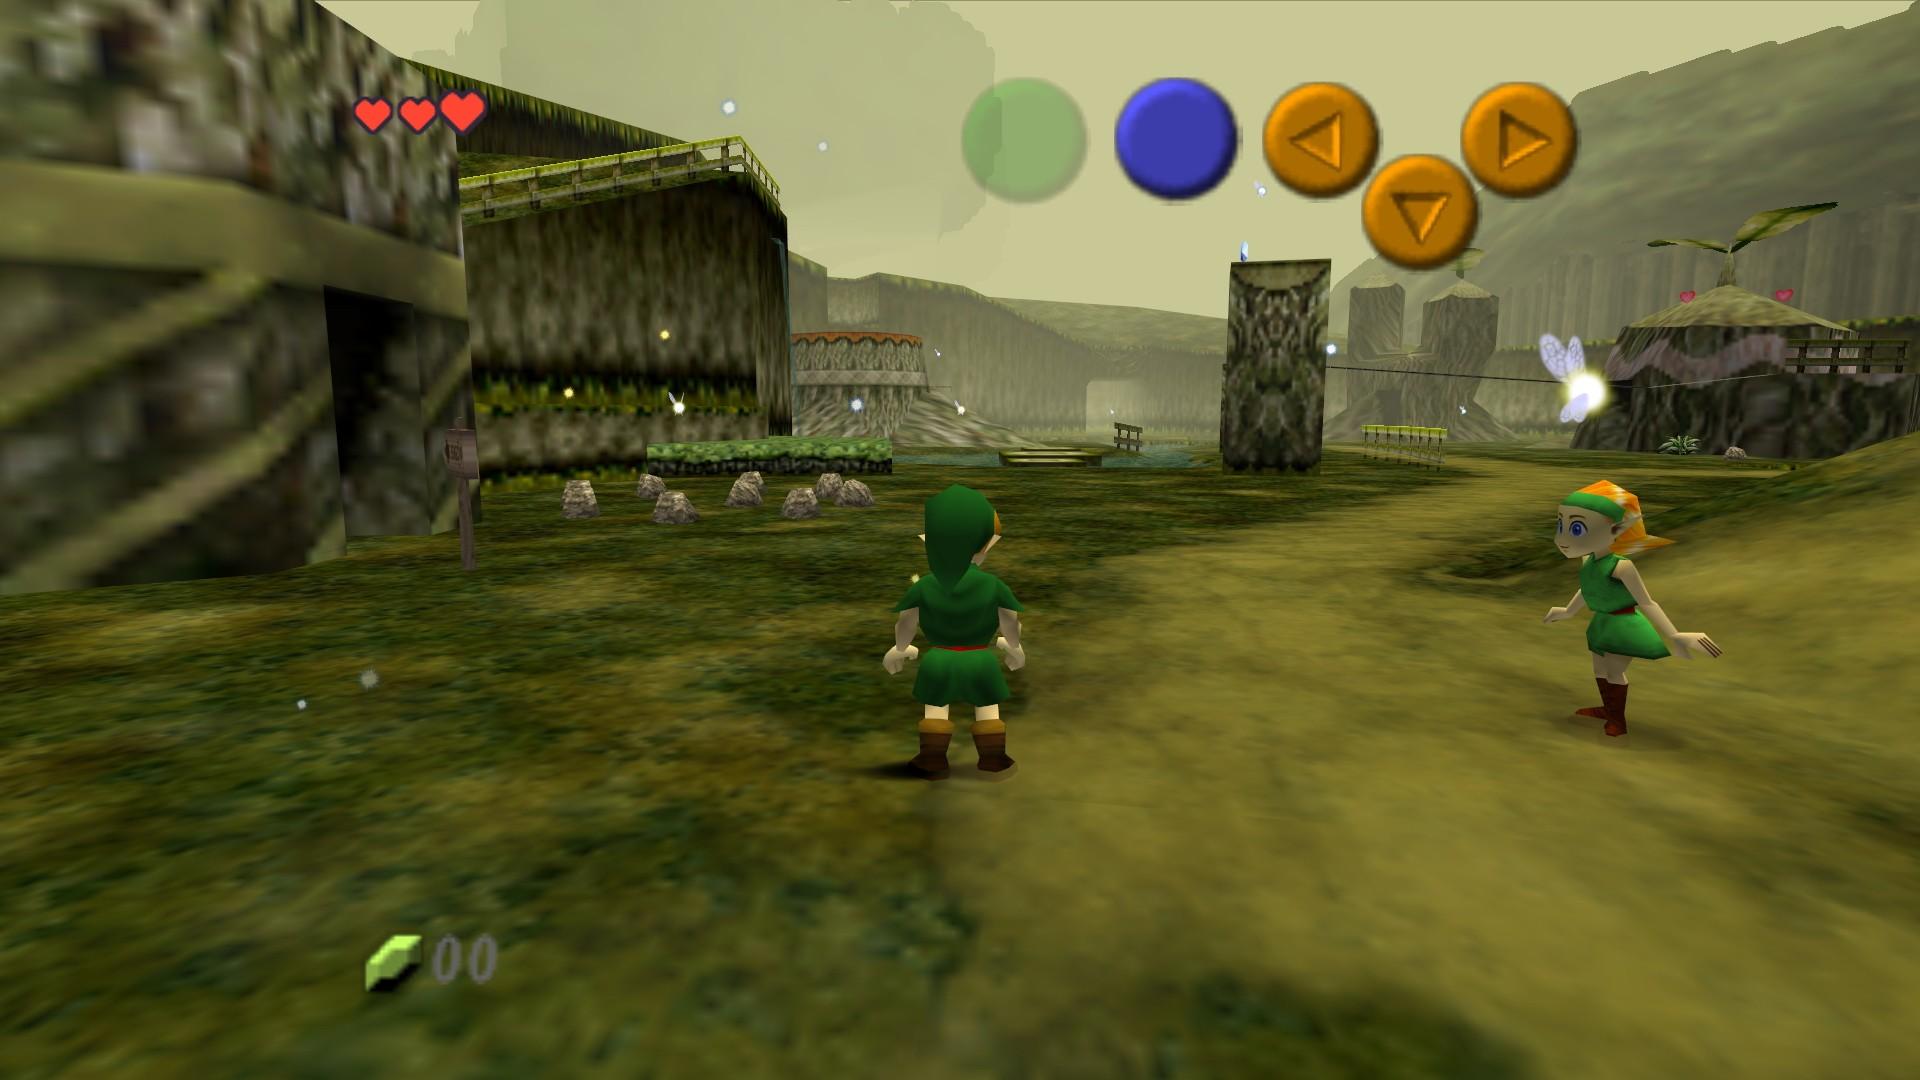 Willkommen auf ZeldaEurope Tipps und Tricks zum Spiel Selbst nach über 10 Jahren ist Ocarina of Time immer noch das beliebteste und berühmteste Zelda der Serie